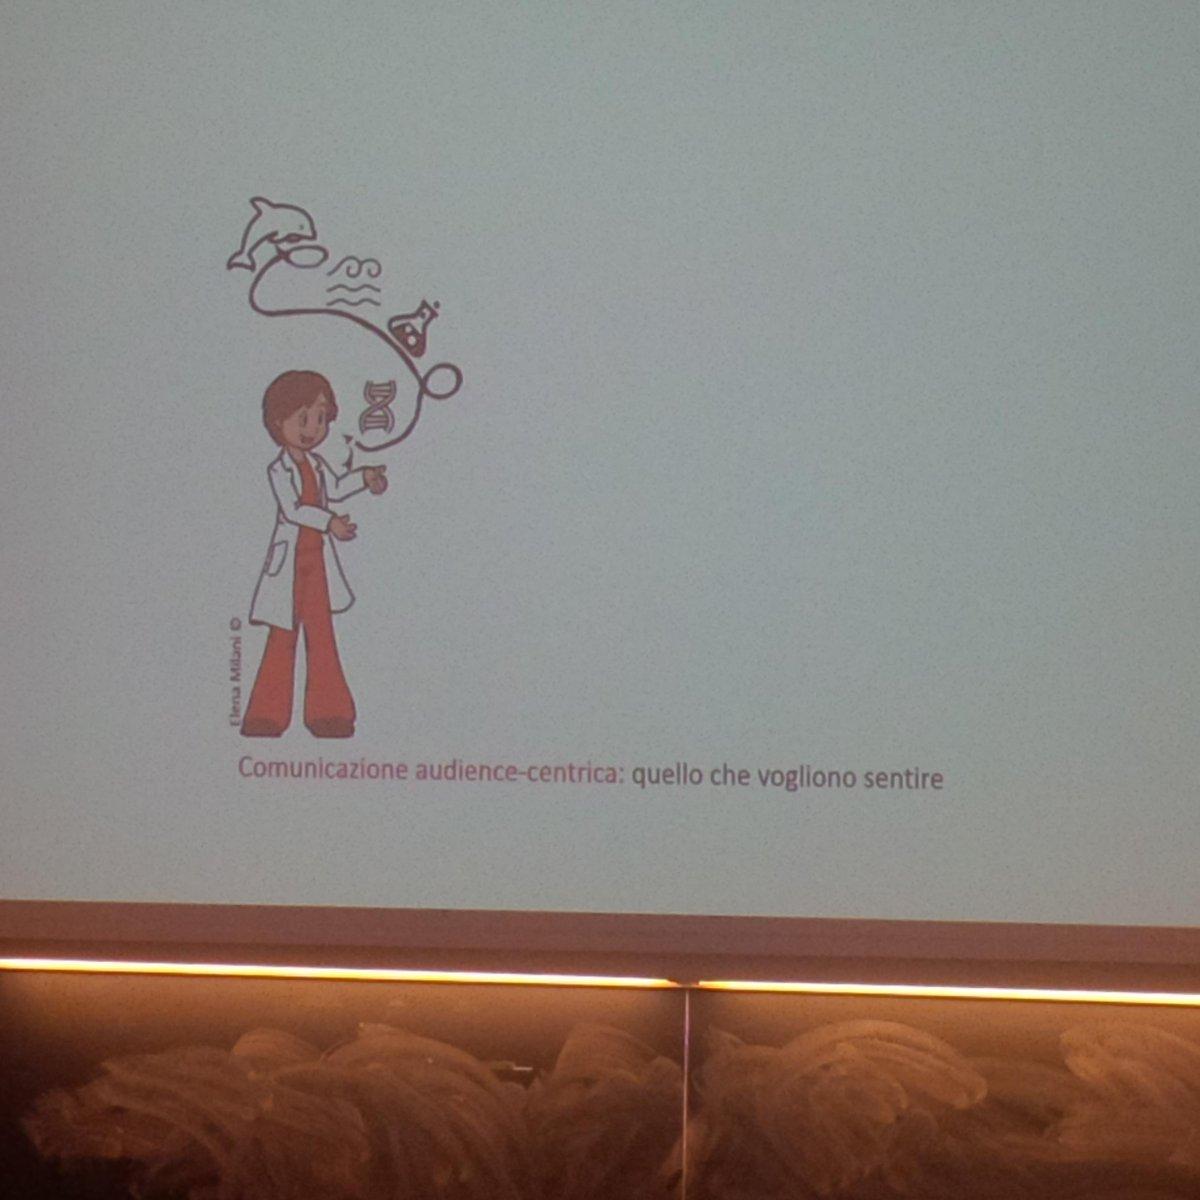 Comunicazione audience-centrica: la cosa principale é il #pubblico  @cristinarigutto a #scipar http://t.co/ZZcMmftc3k